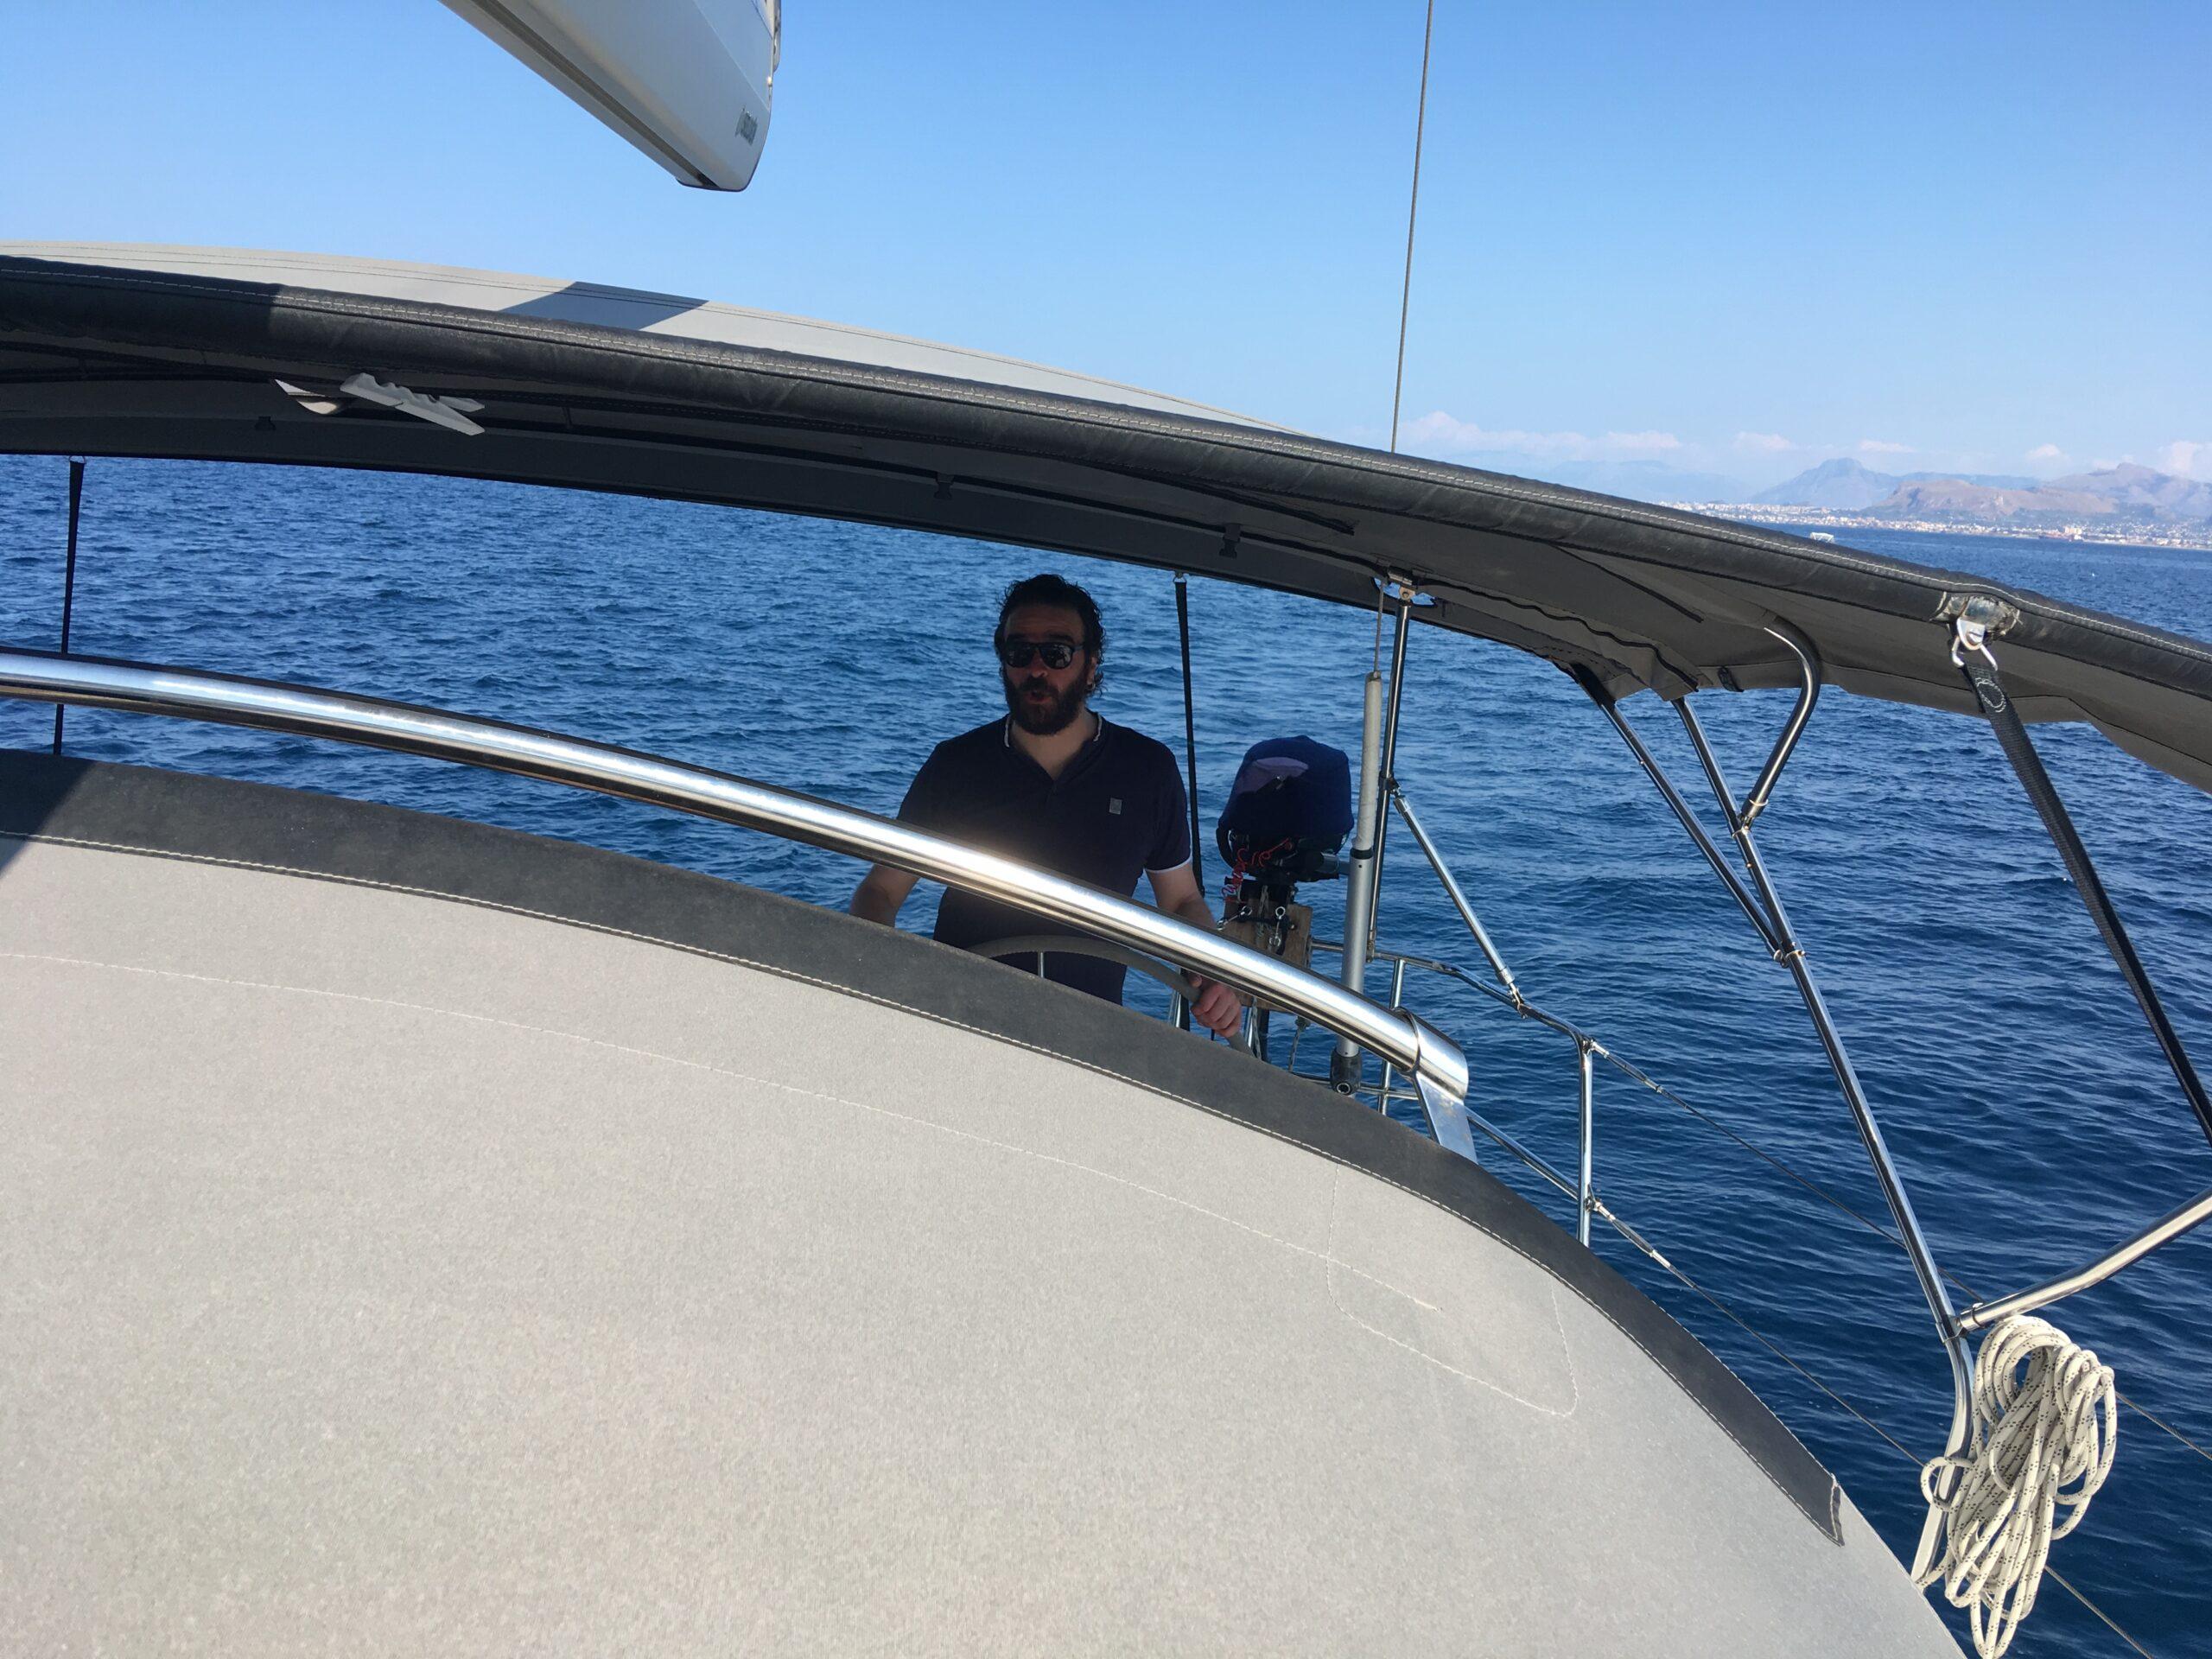 Santi Cicardo as Captain Fabrizio